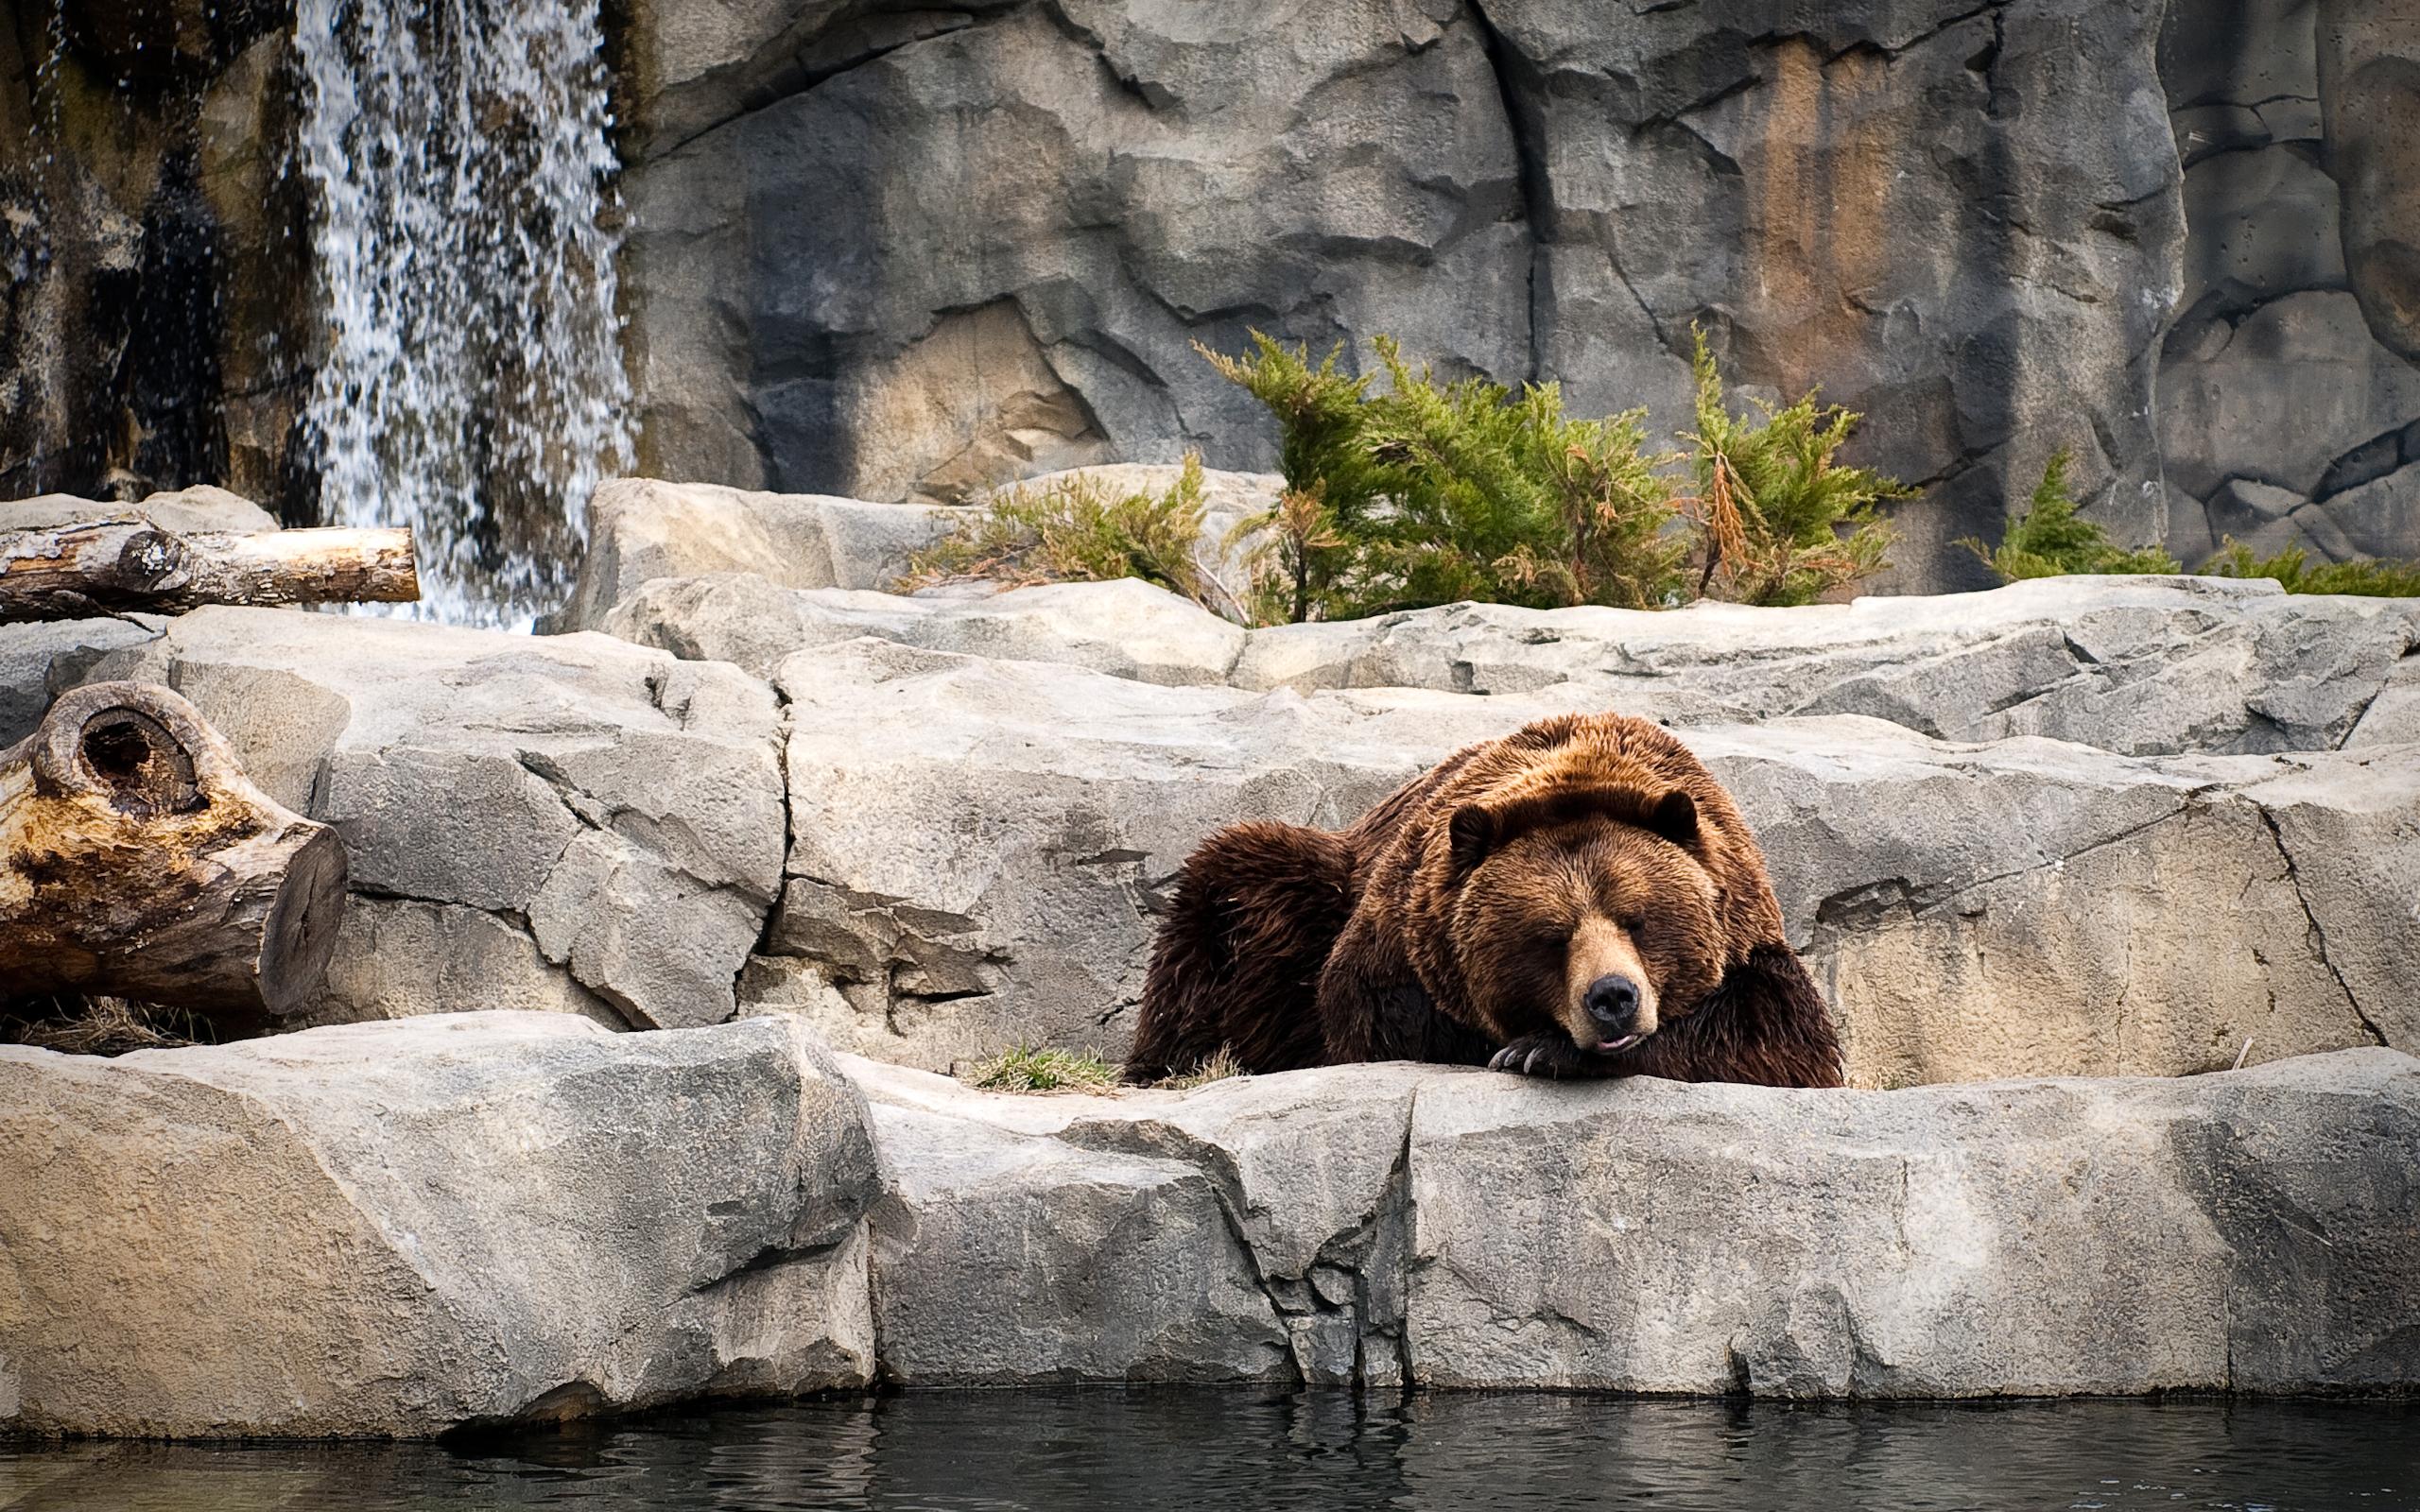 увидеть картинки отдыхающий медведь имя люб имя